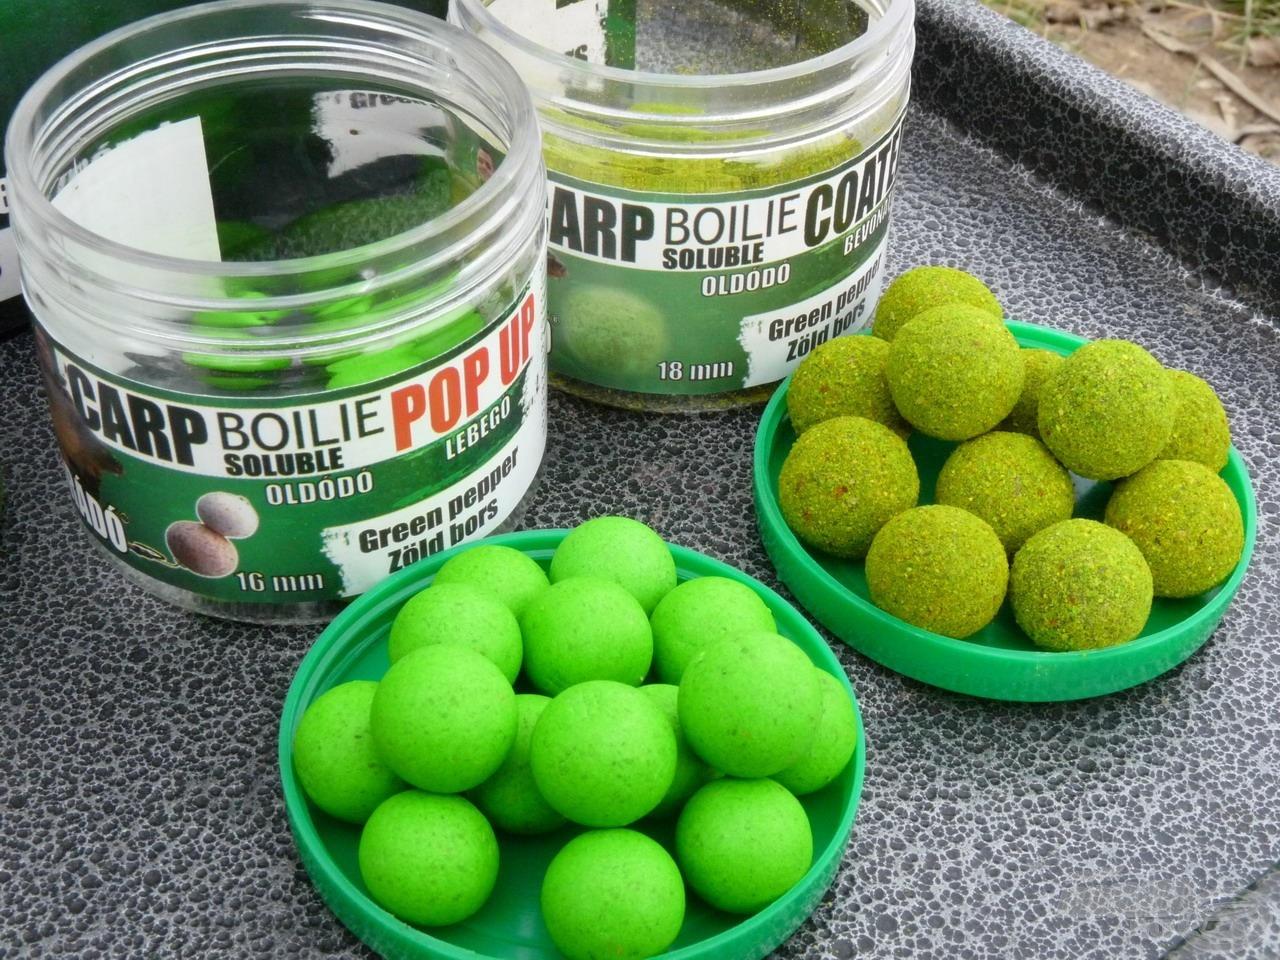 …Green Pepper néven elhíresült termékei. Örülök, hogy ezek kifejlesztésében, tesztelésében nekem is komoly szerep jutott!